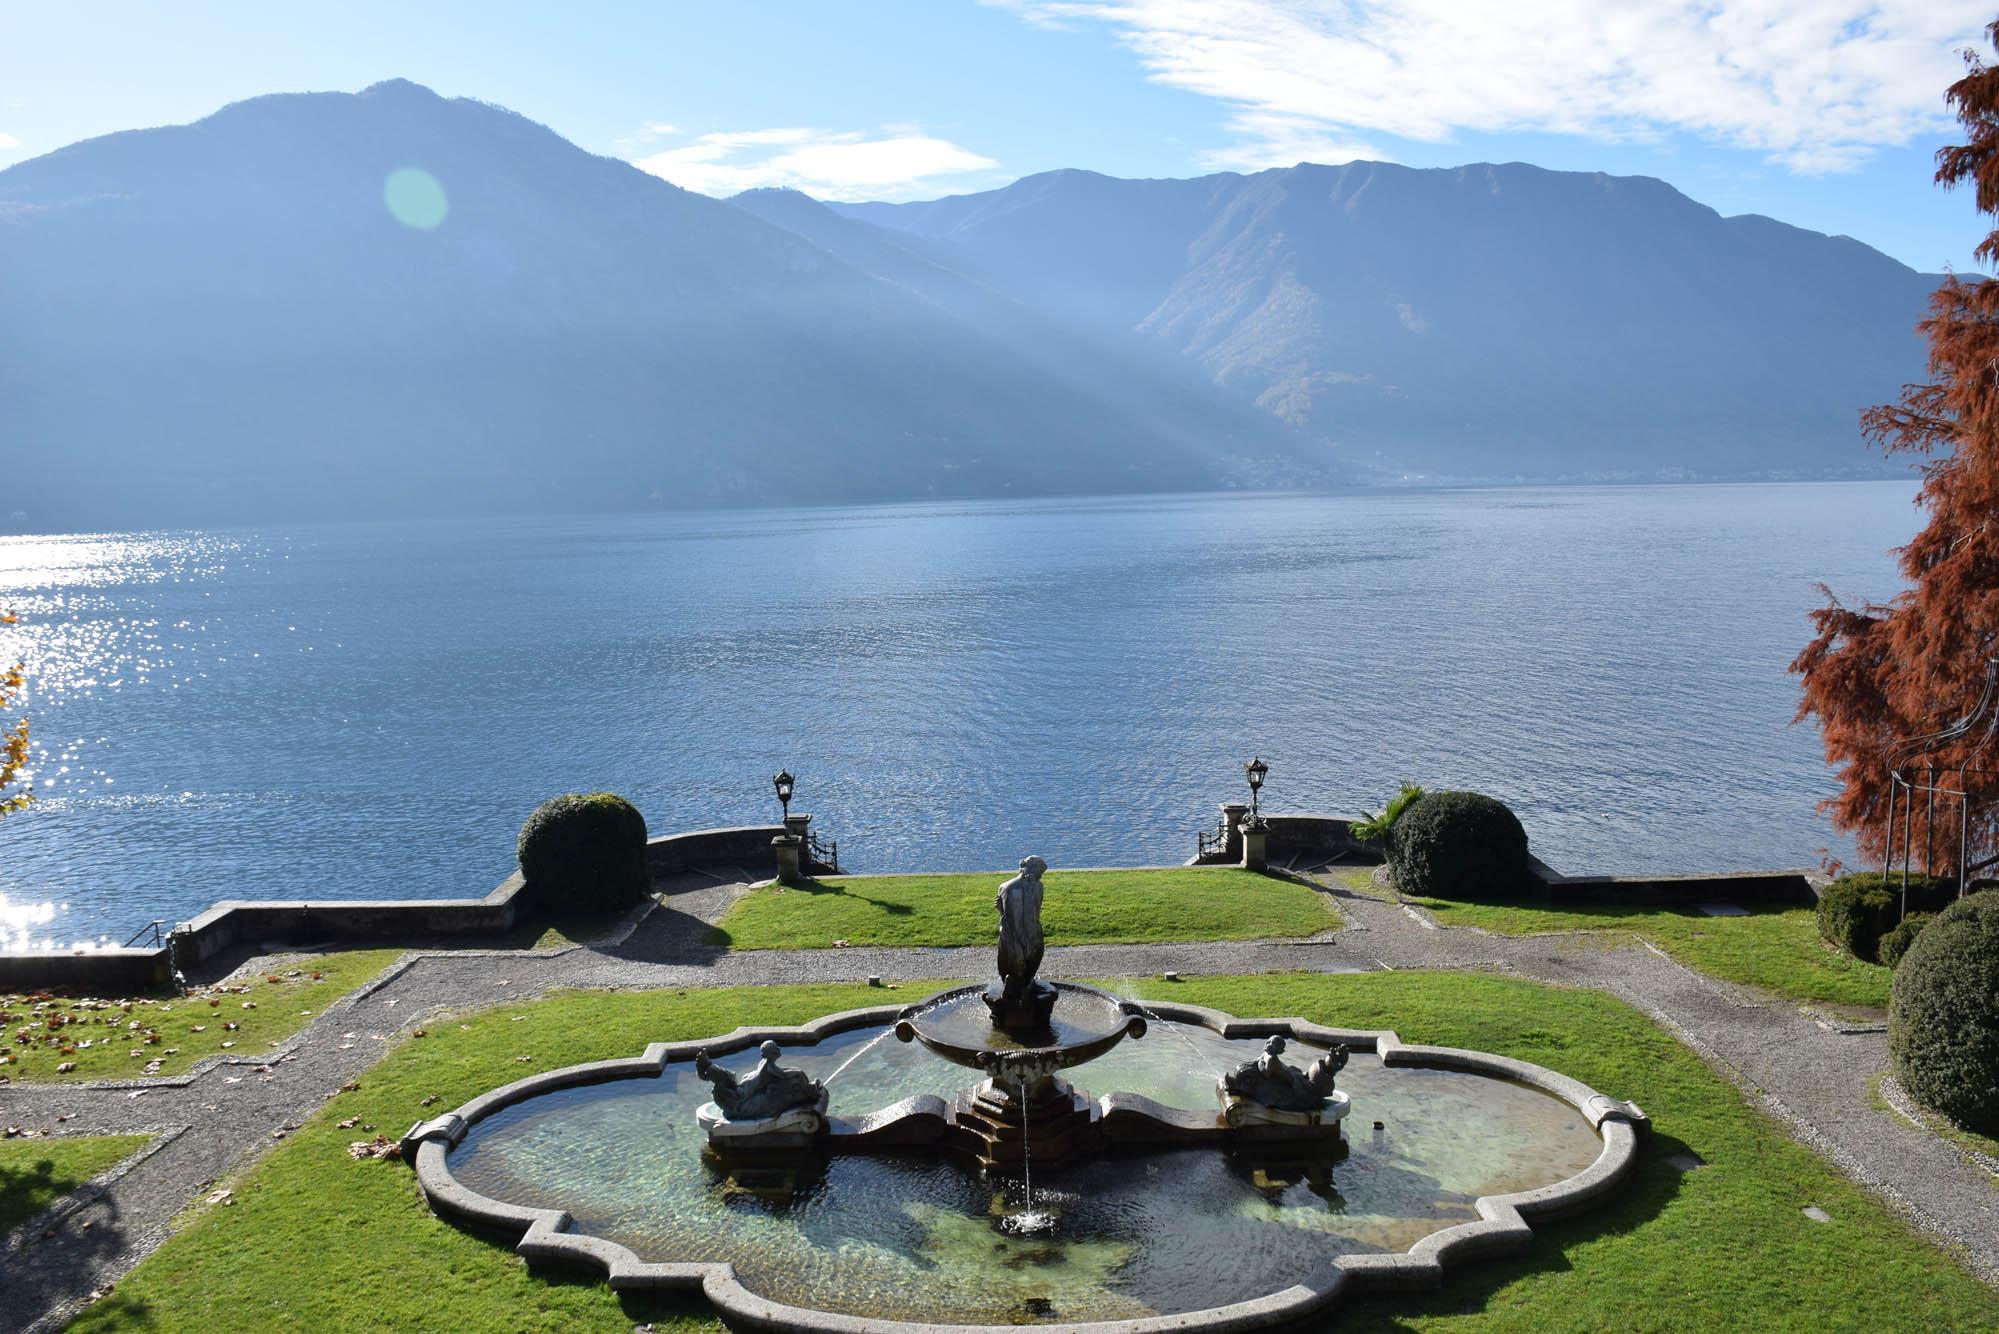 lago-di-como-italia-dicas